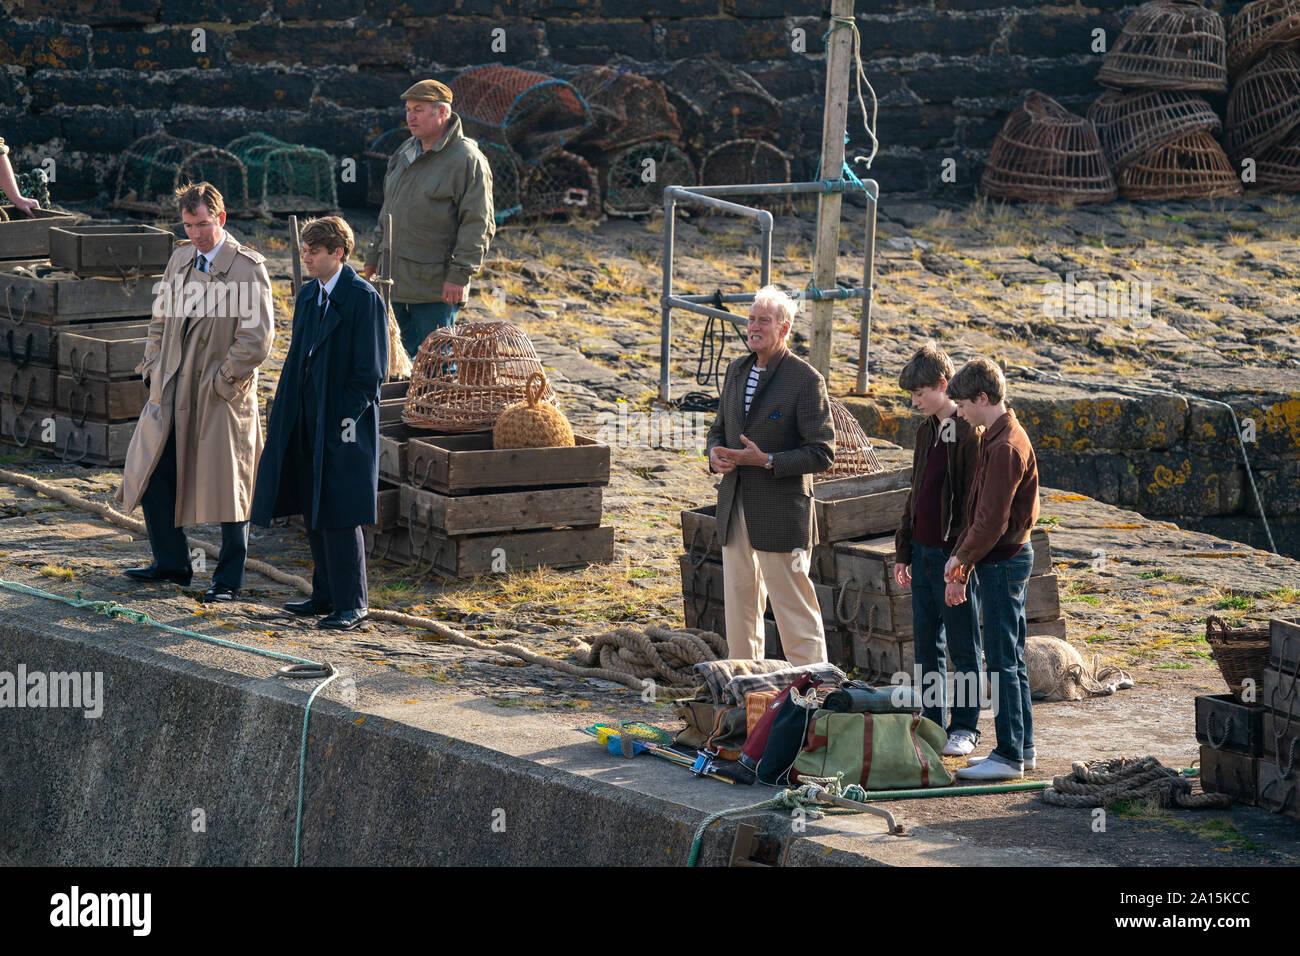 22 septembre 2019. Keiss Harbour, Highlands, Scotland, UK. C'est une scène du tournage de la Couronne concernant le meurtre de Lord Mountbatten en Irlande. Banque D'Images